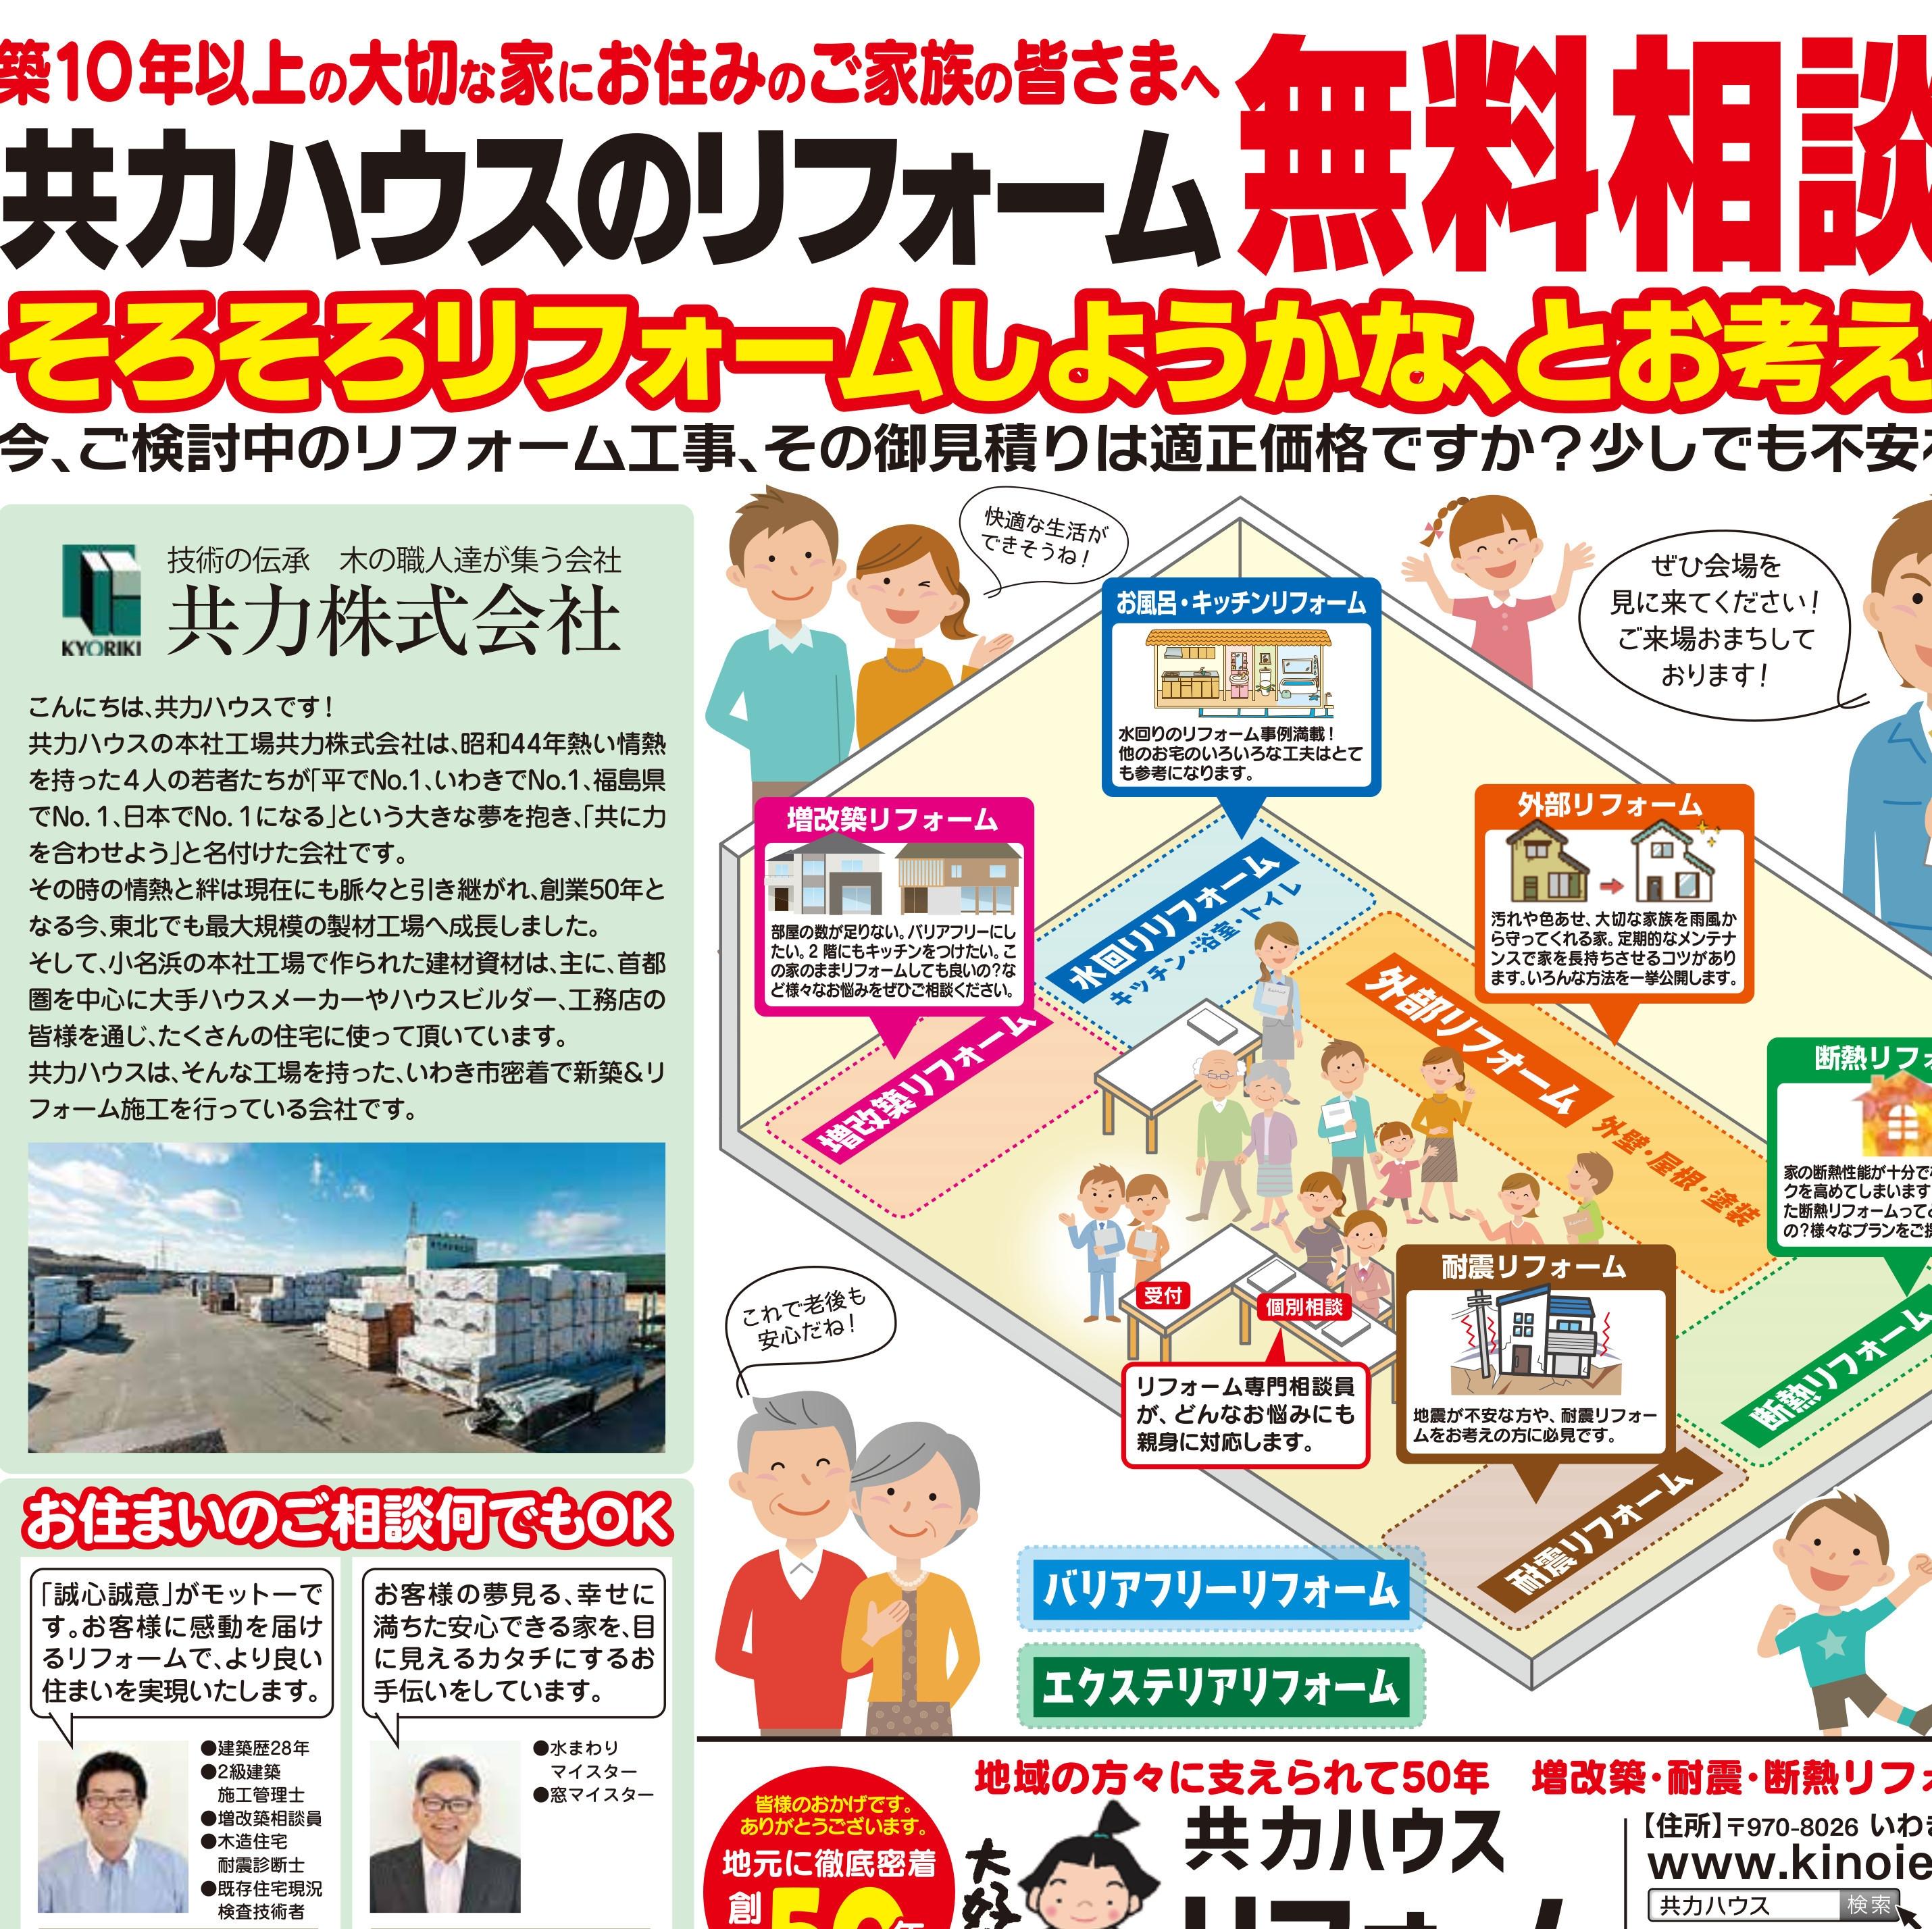 9/28(土)9/29(日)内郷コミュニティセンター/リフォーム無料相談会開催!!